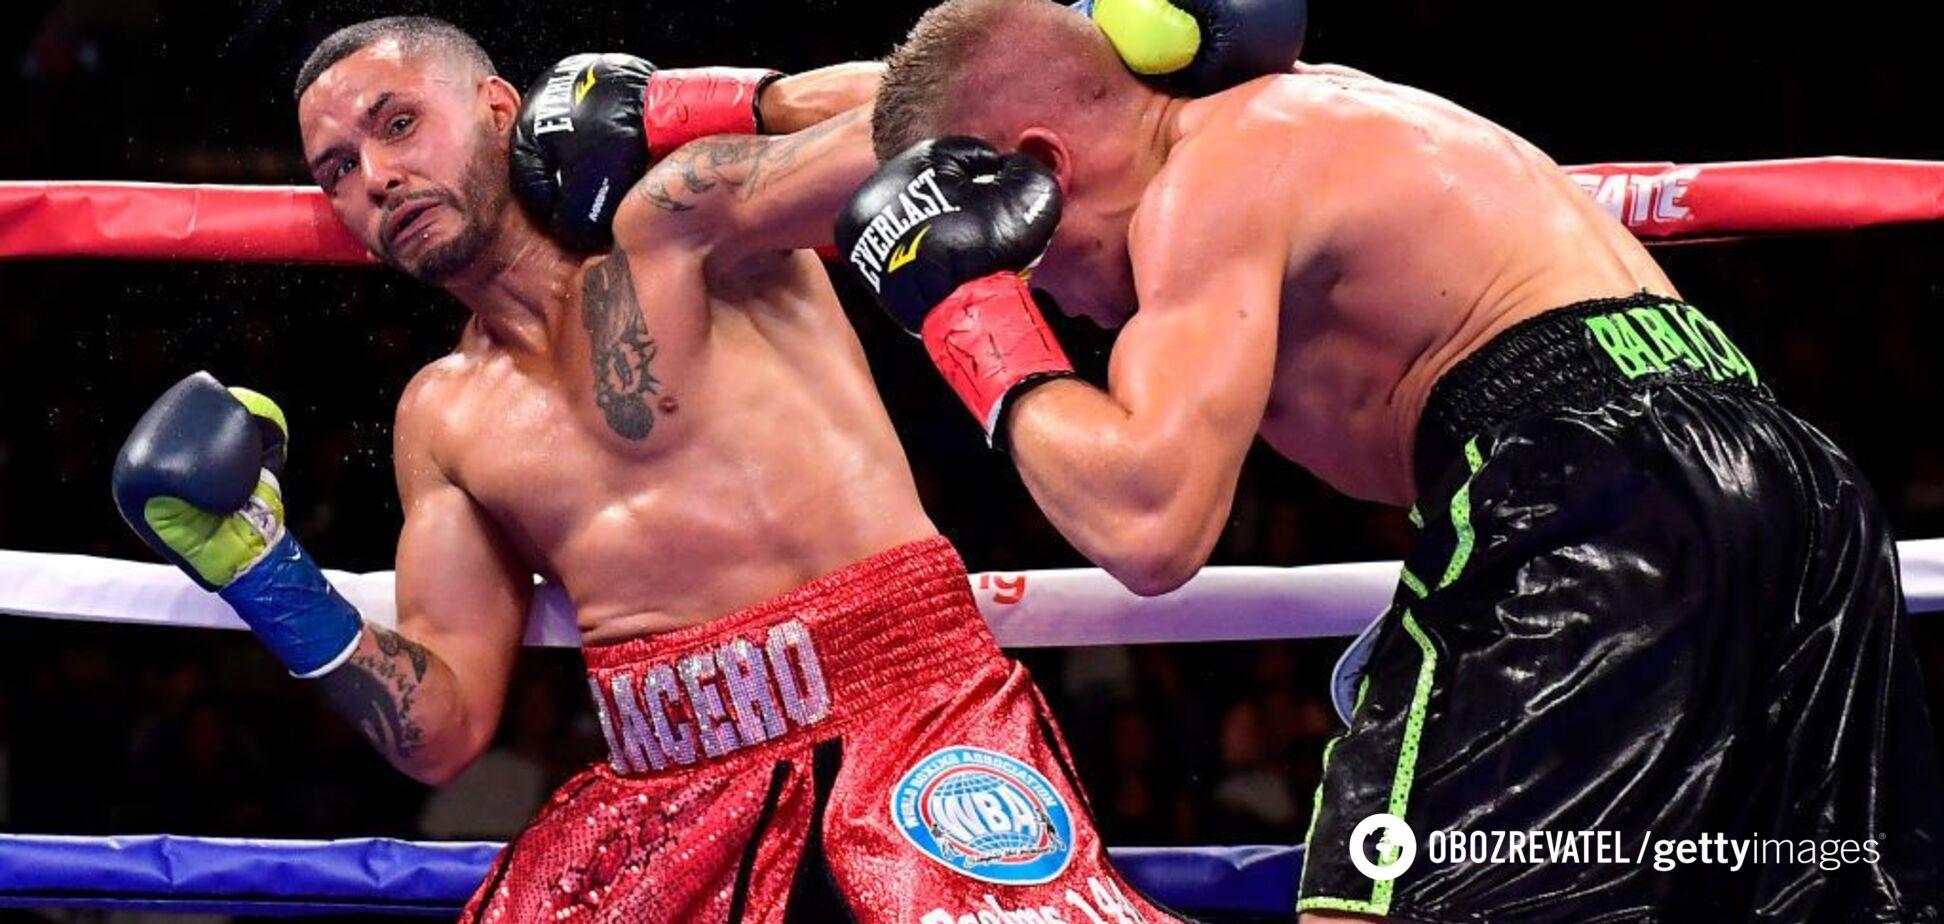 Знаменитий боксер ефектно вирубав суперника в чемпіонському бою - відео нокдауну